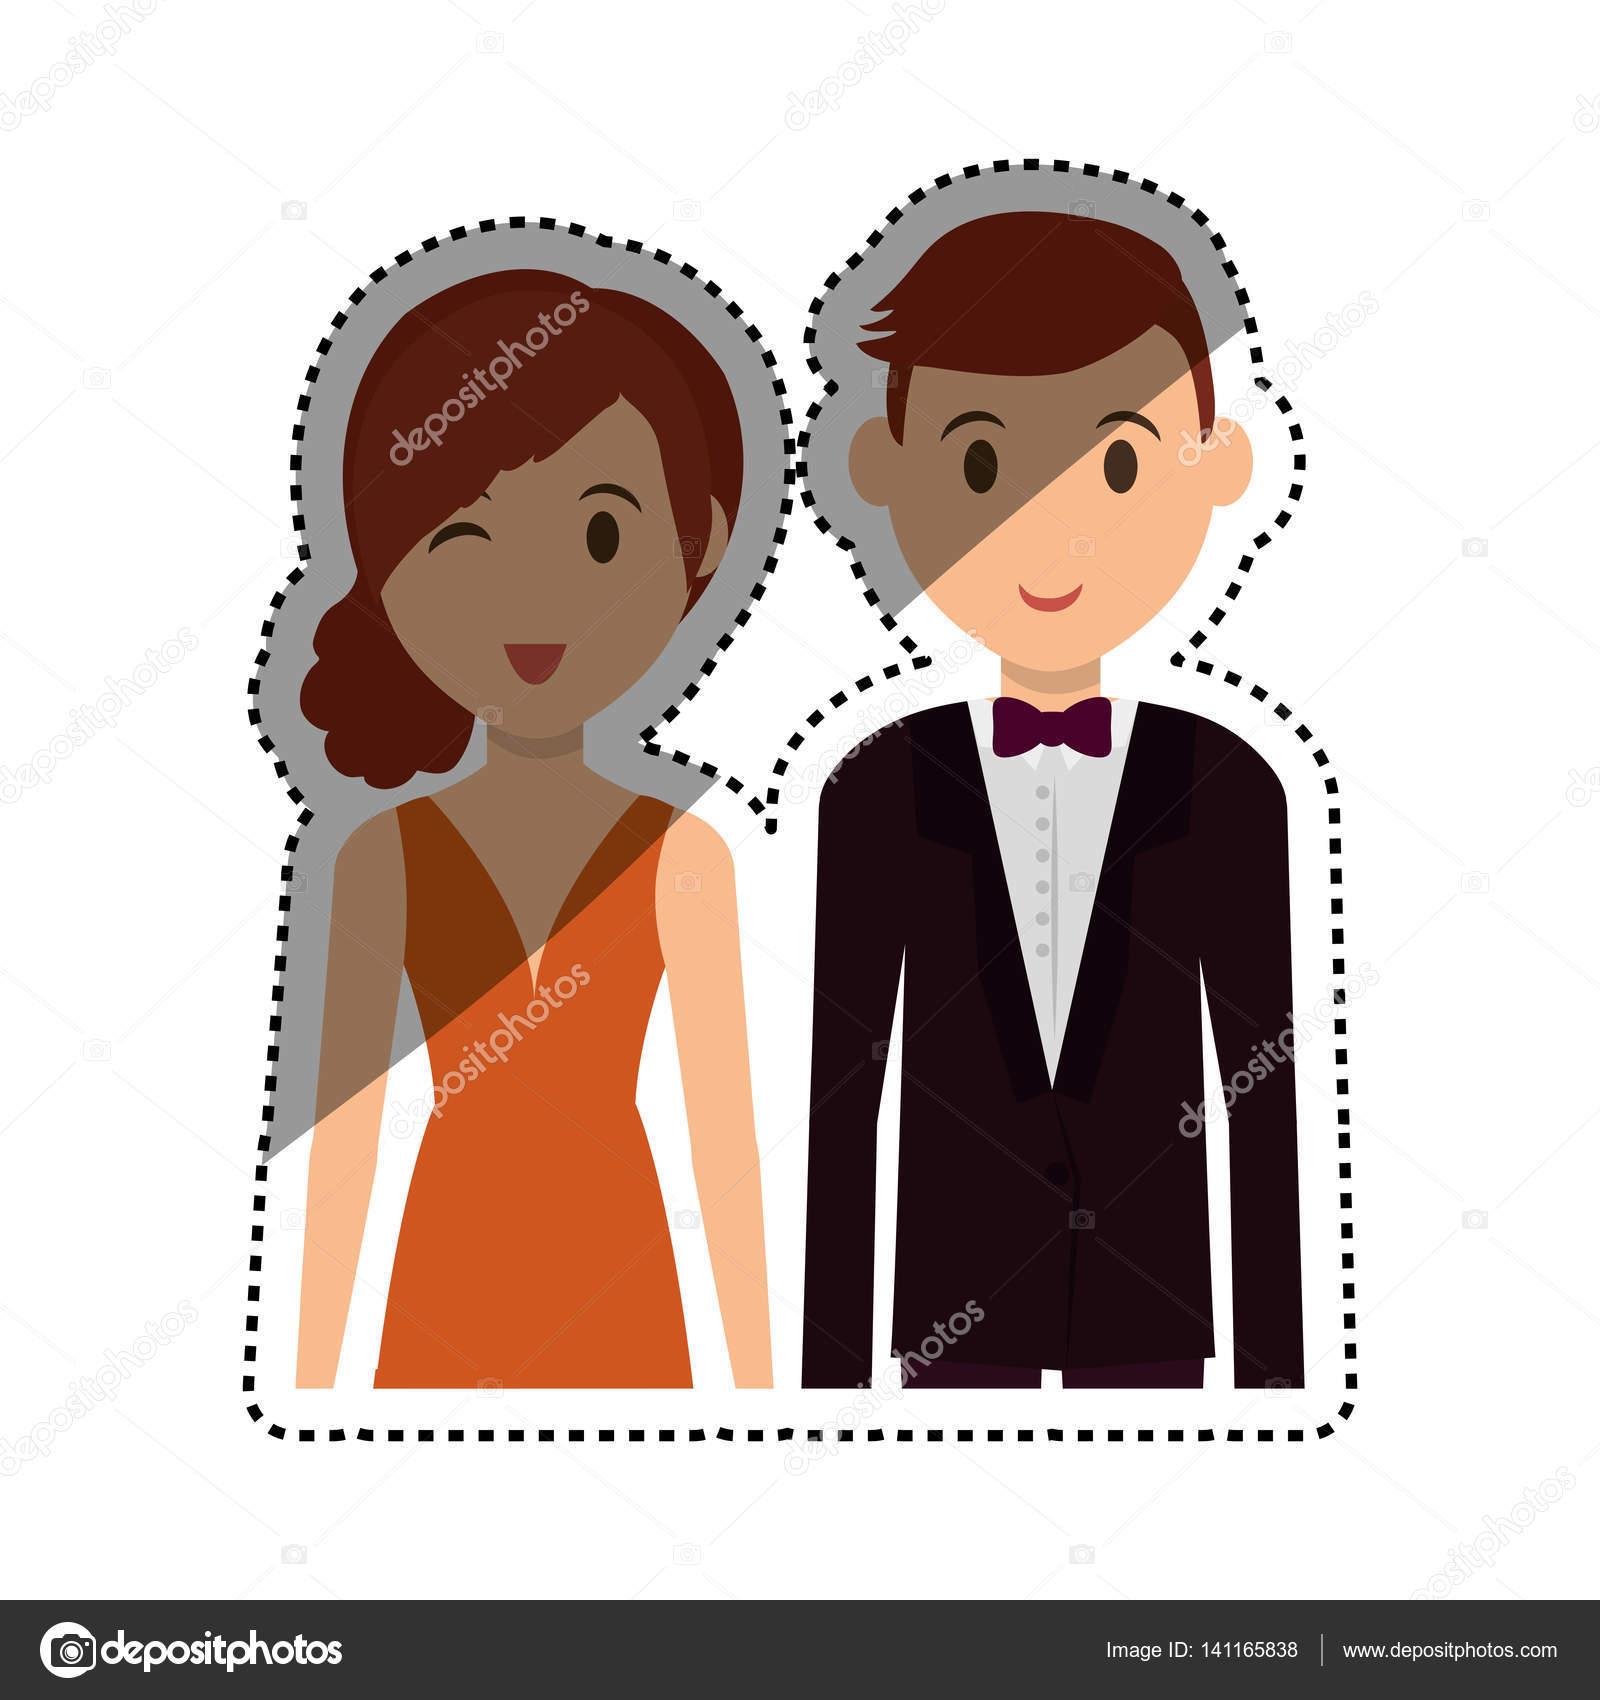 Dessin Anime Mignon Couple Image Vectorielle Djv C 141165838